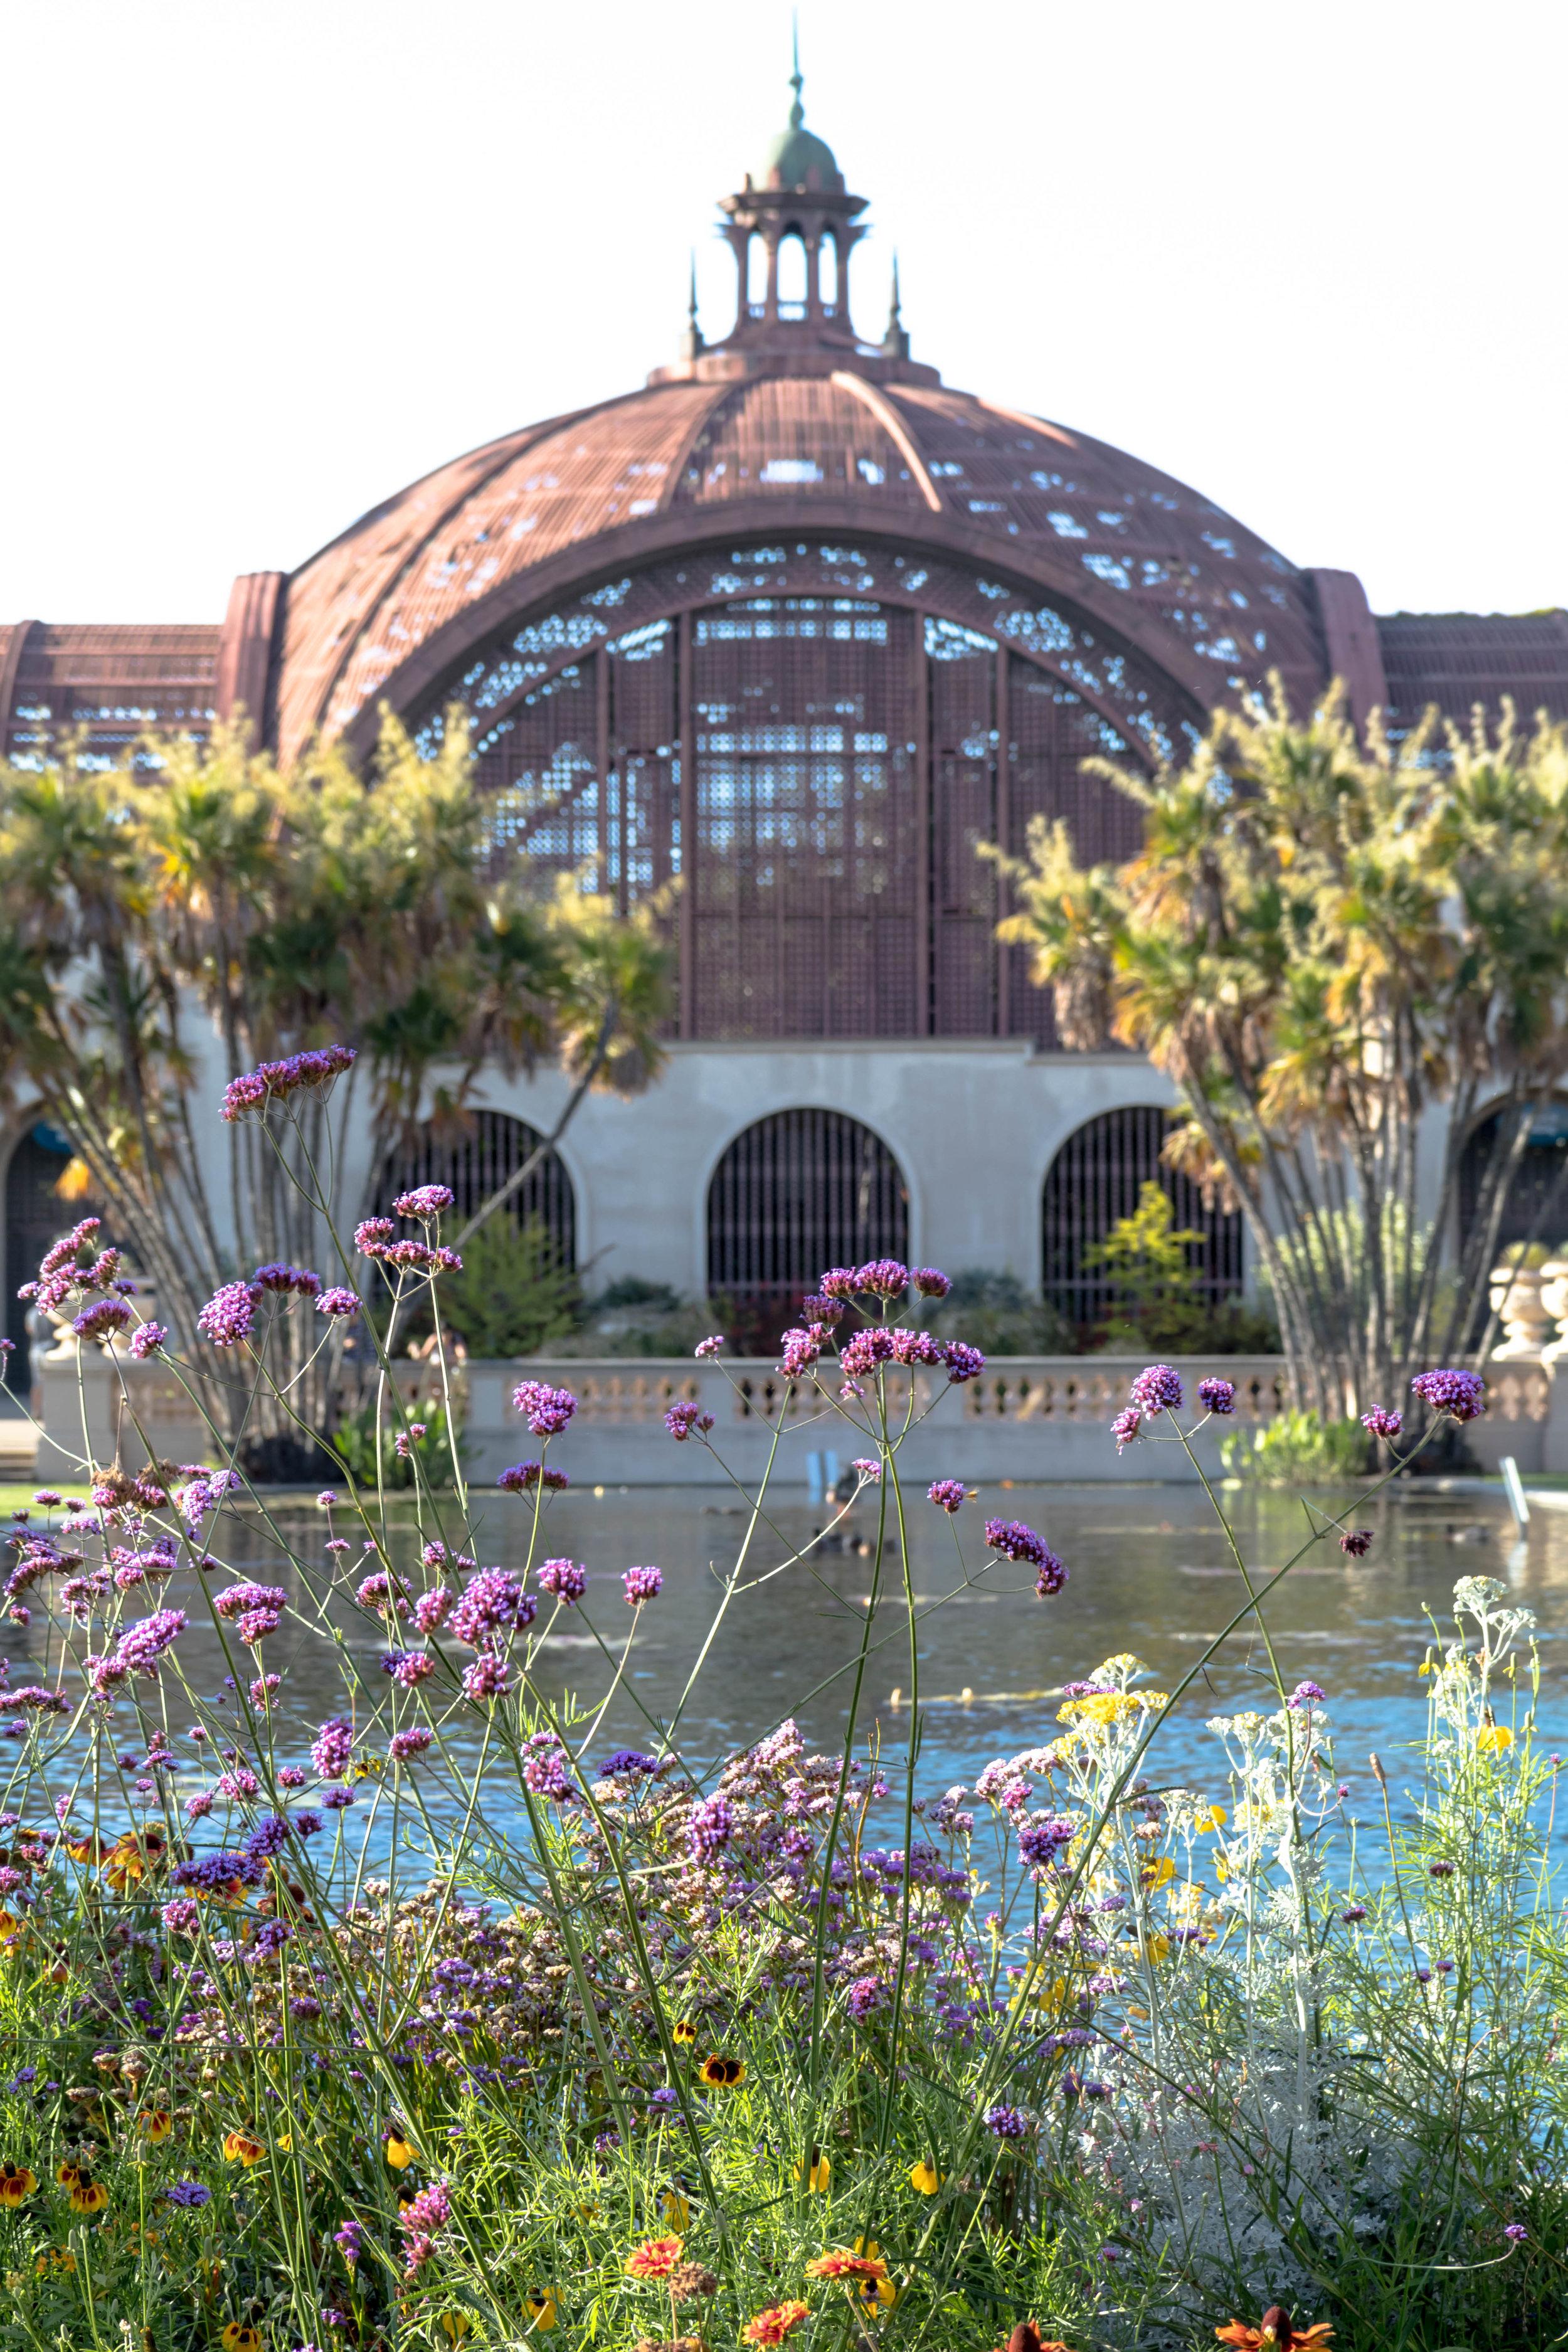 Summer in the exquisite Balboa Park.